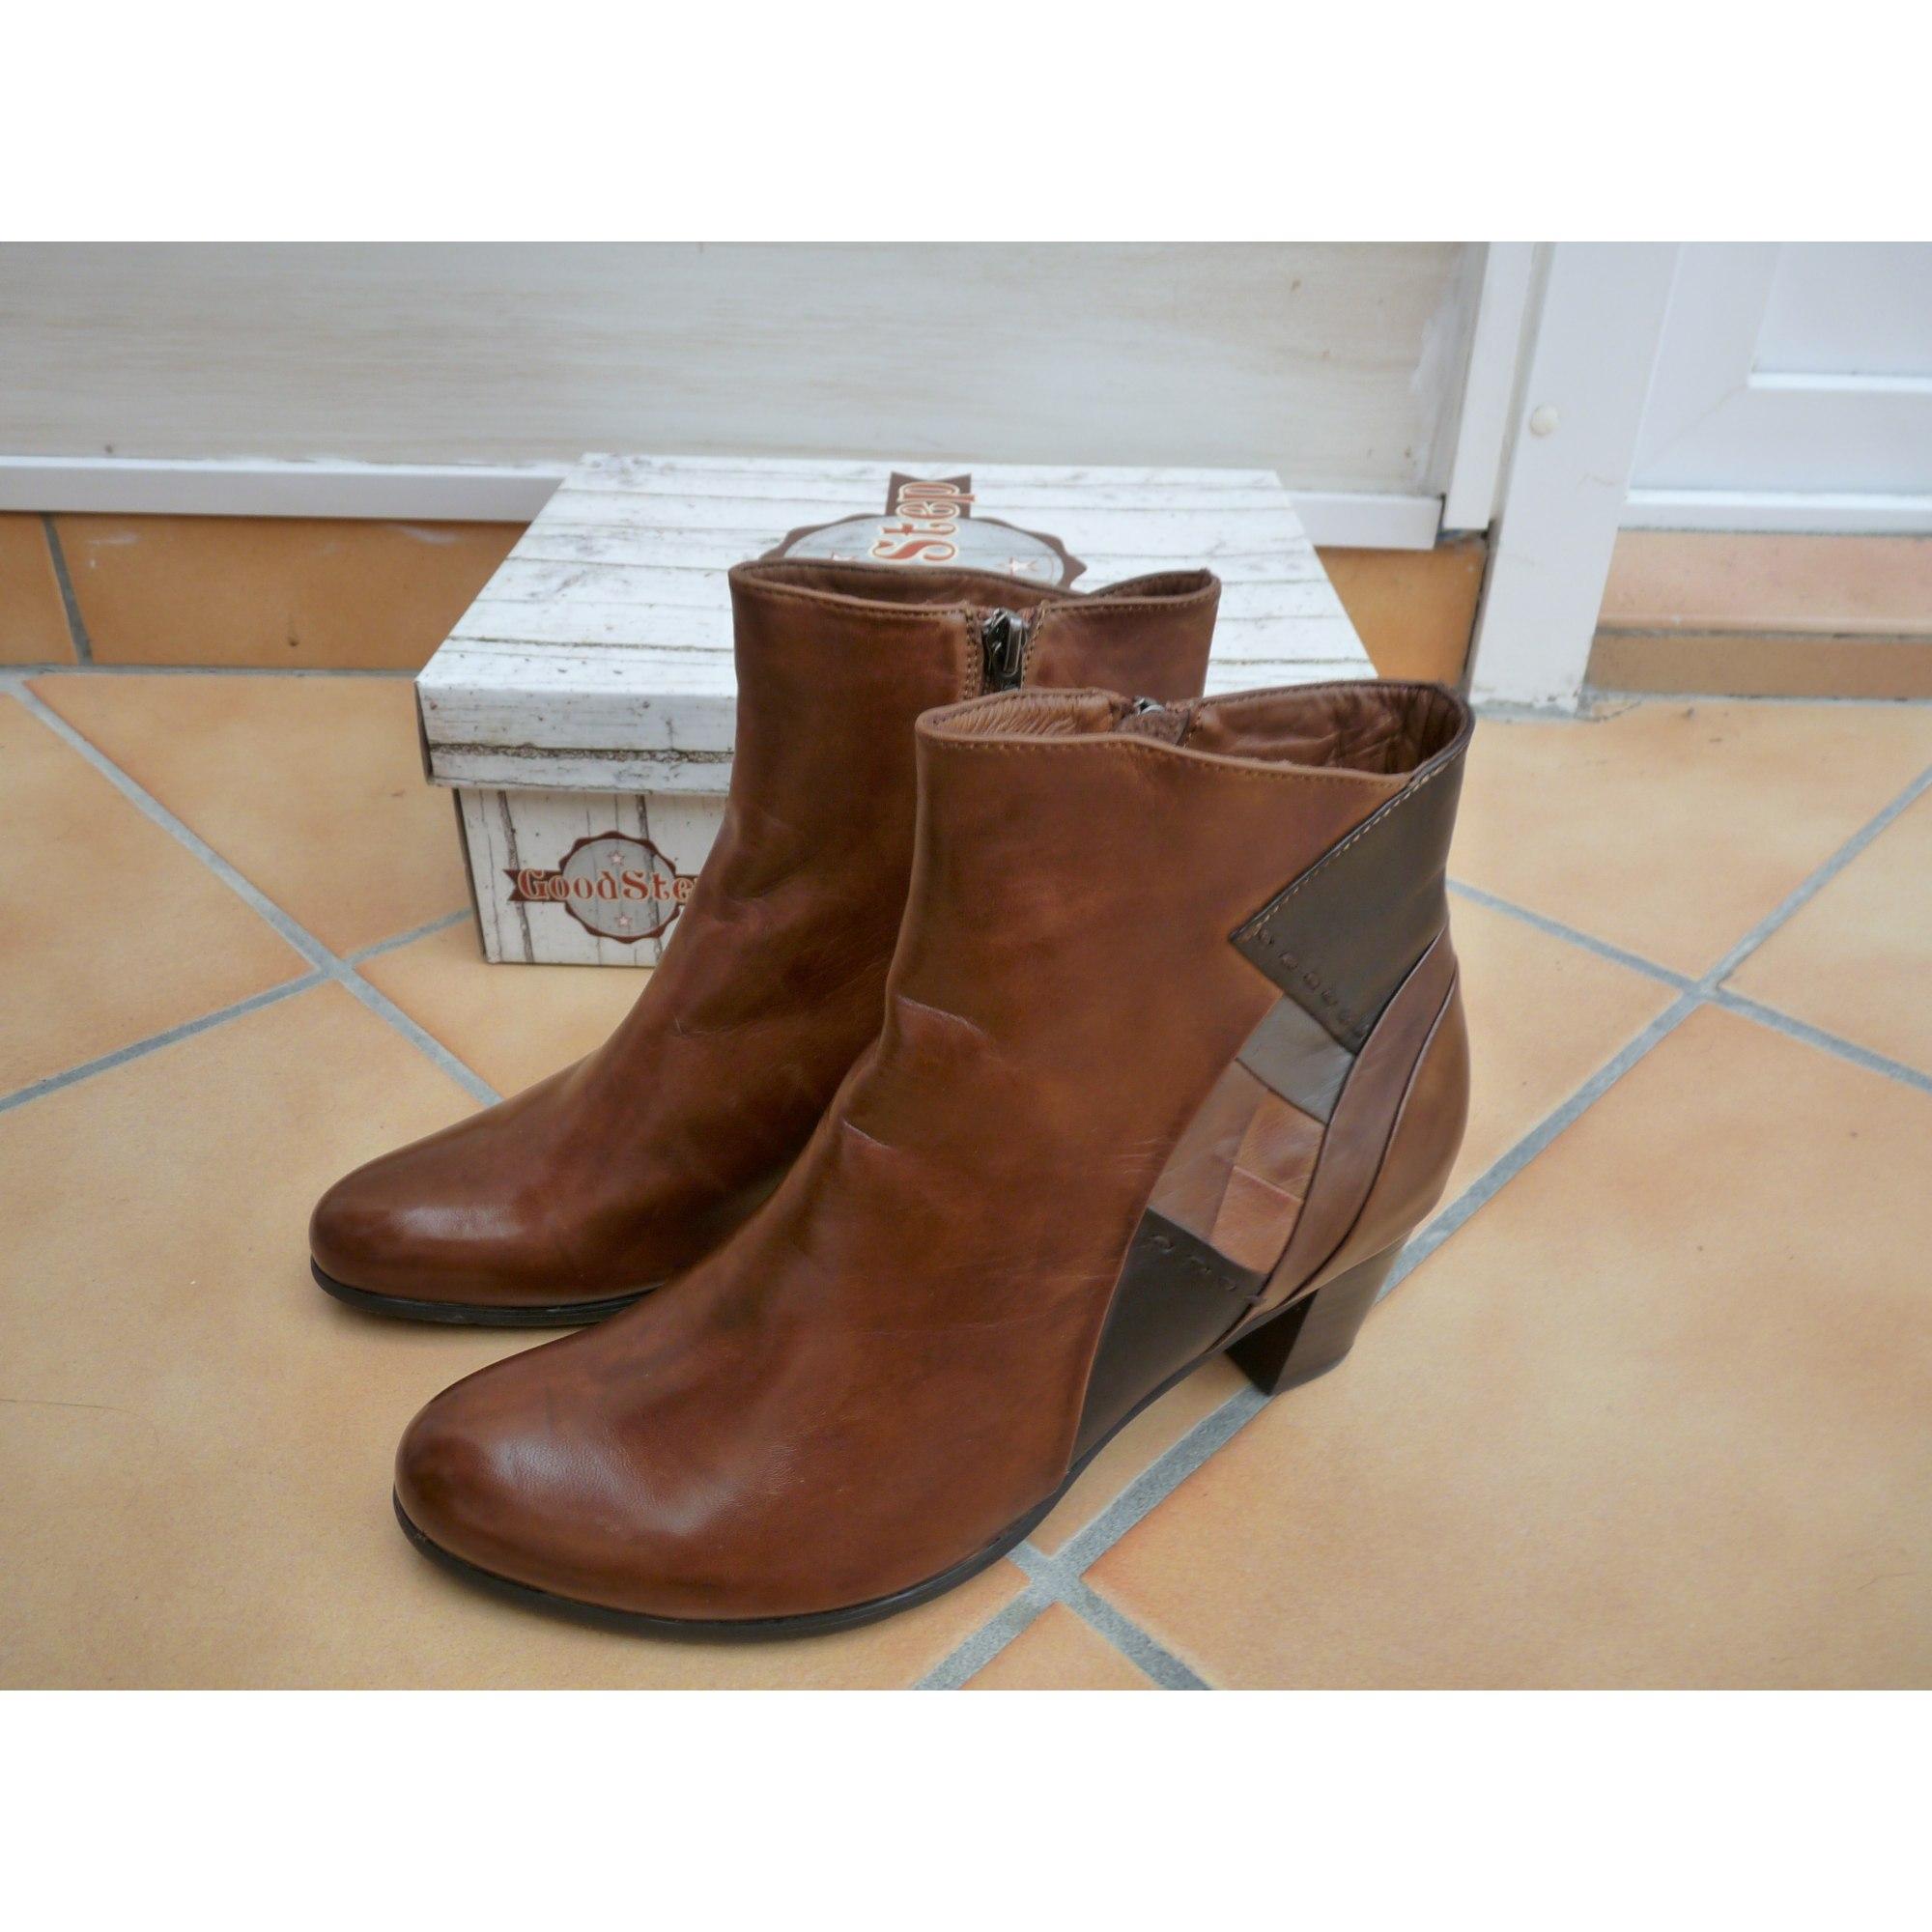 À Fuite Talons Désir Low De Bottinesamp; Boots R5Aj4L3